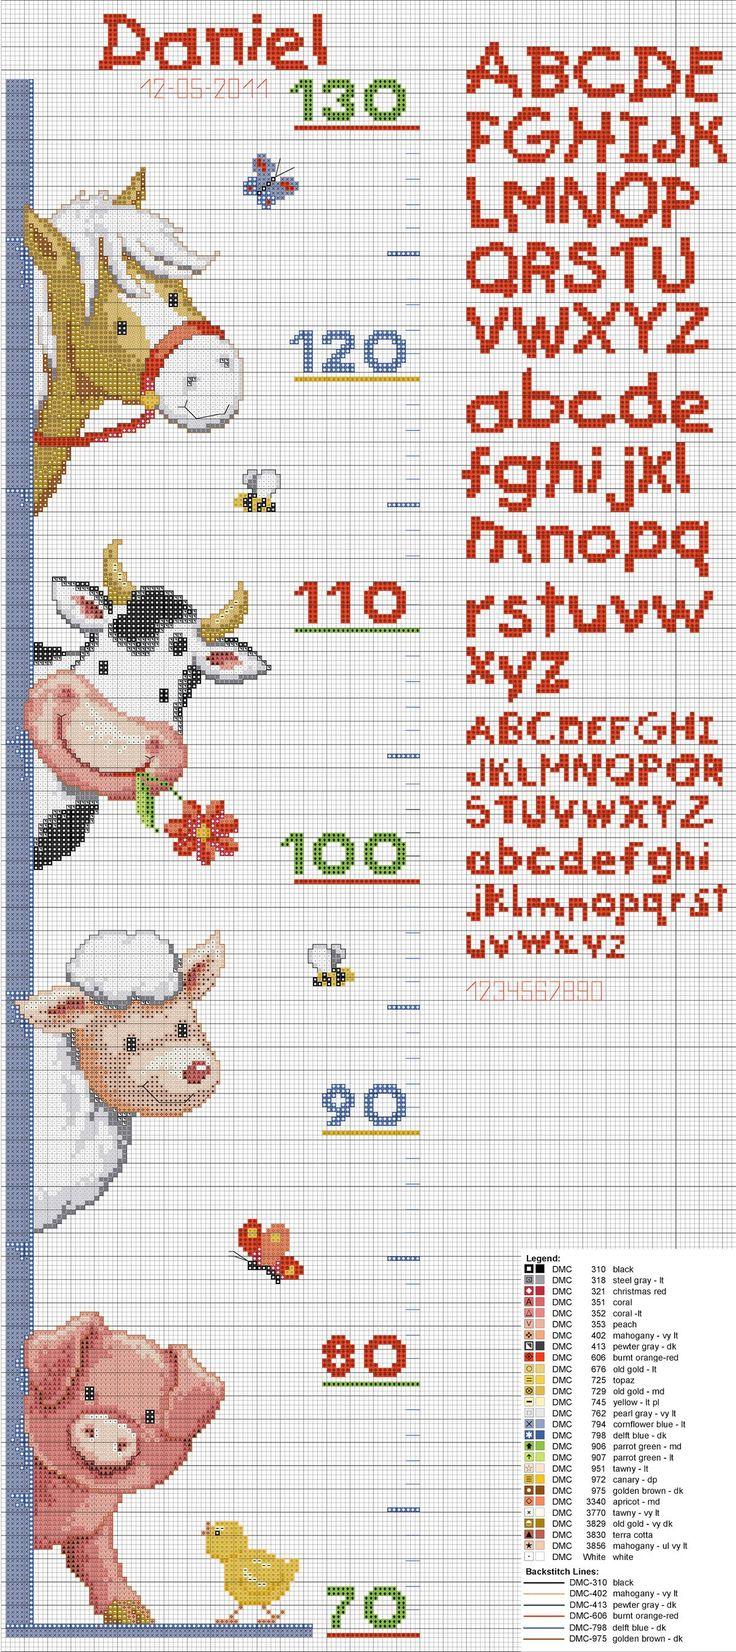 1d233dc8fb6a0cba135f3ef4a6dfac1b.jpg 1,200×2,694 píxeles